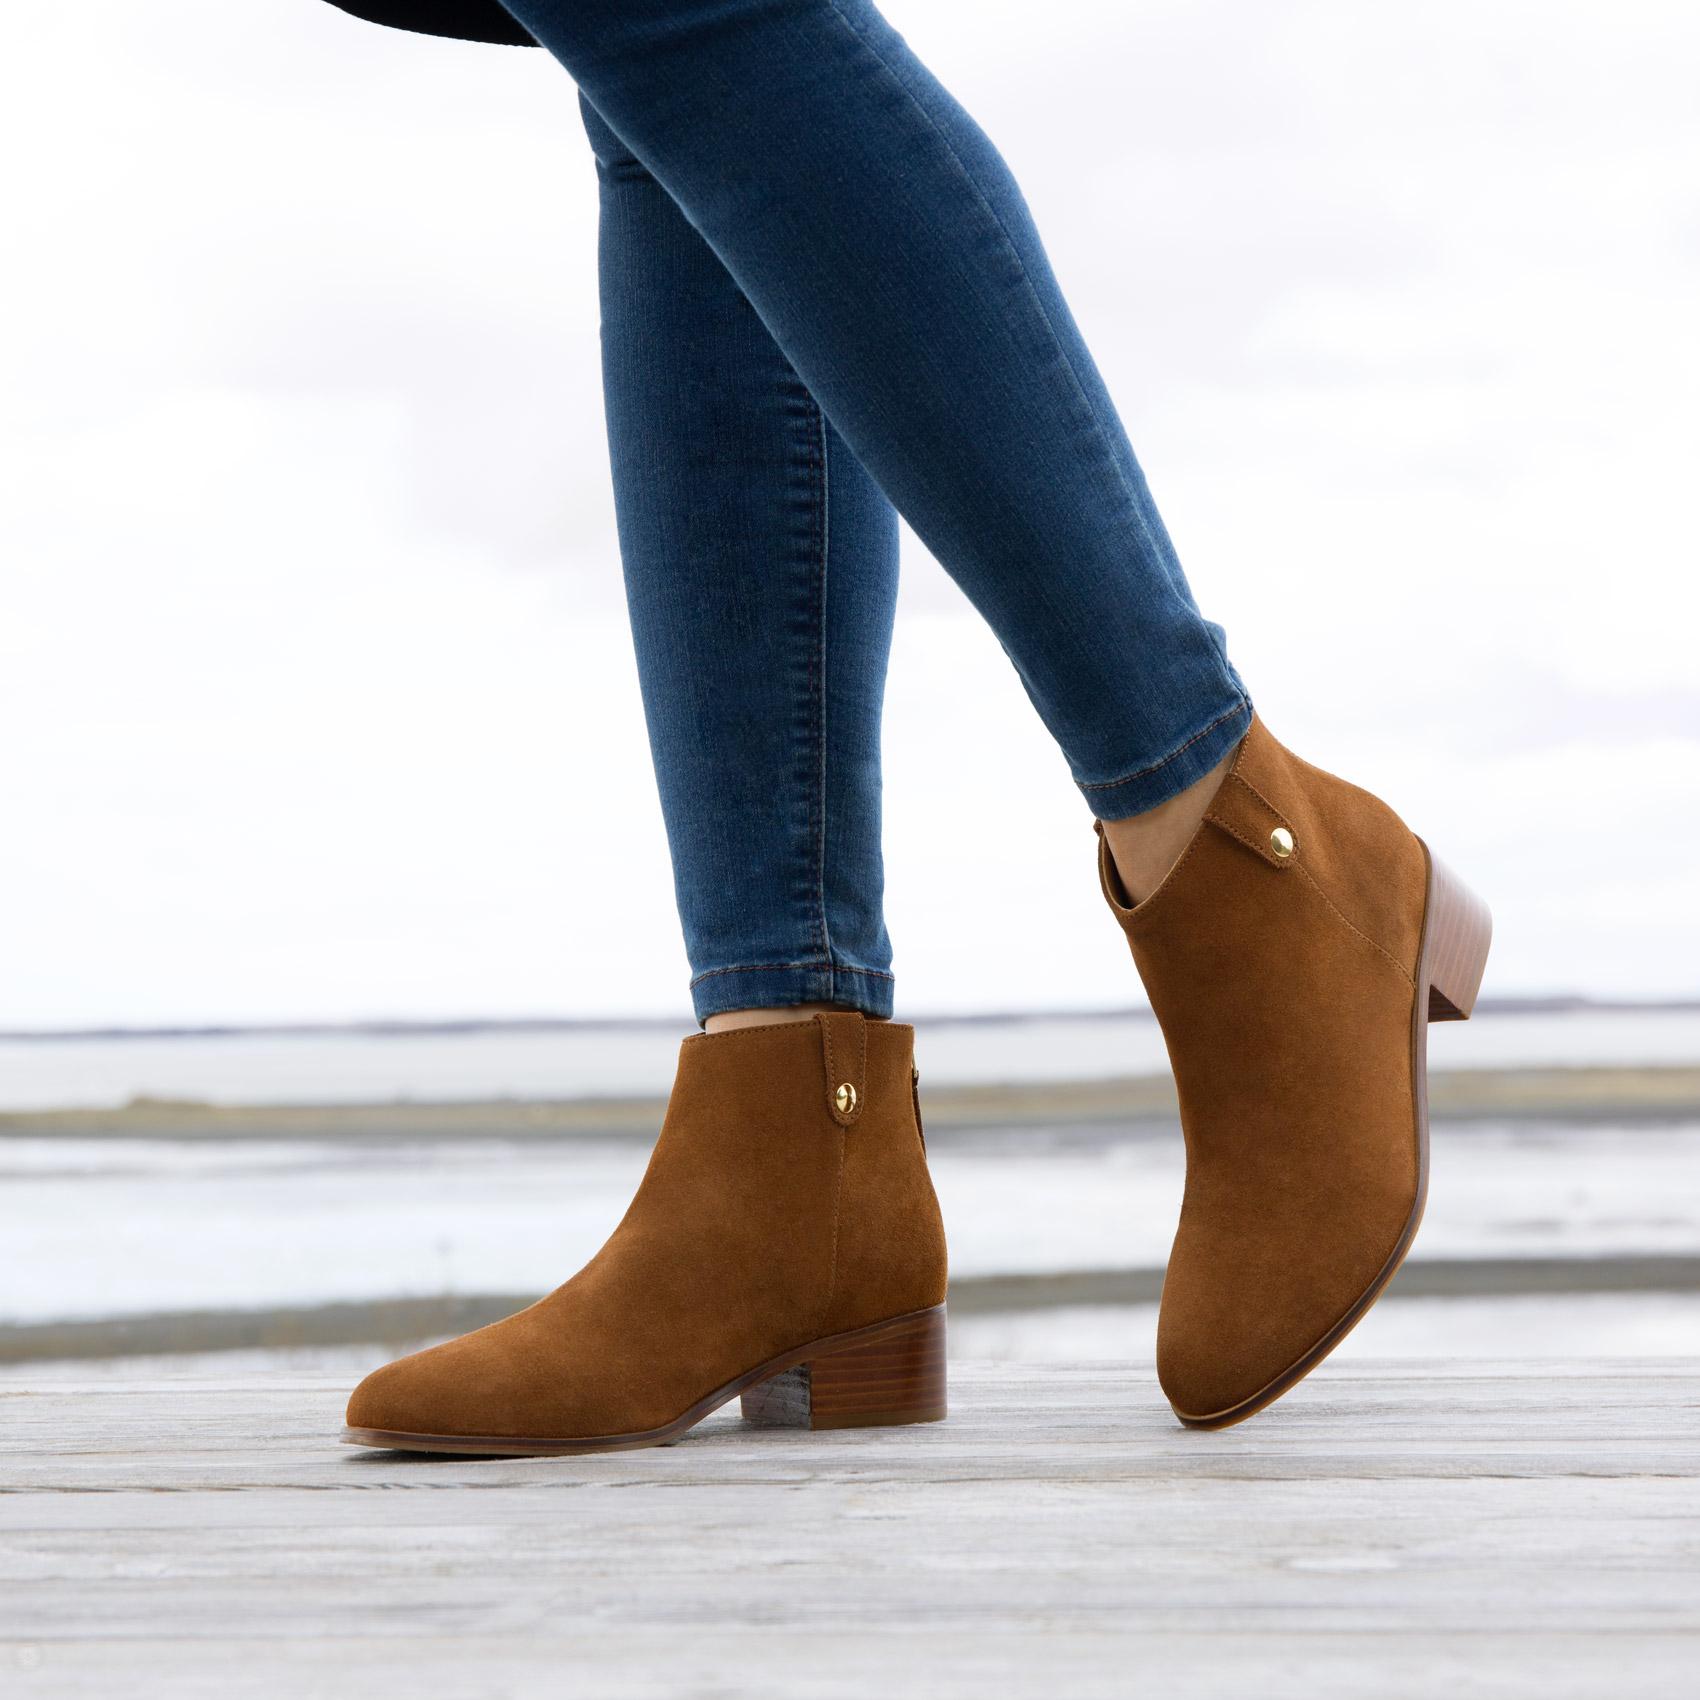 dd08471712d33d La Bienveillante PAIN D'ÉPICE - Femmes/Chaussures - Lora